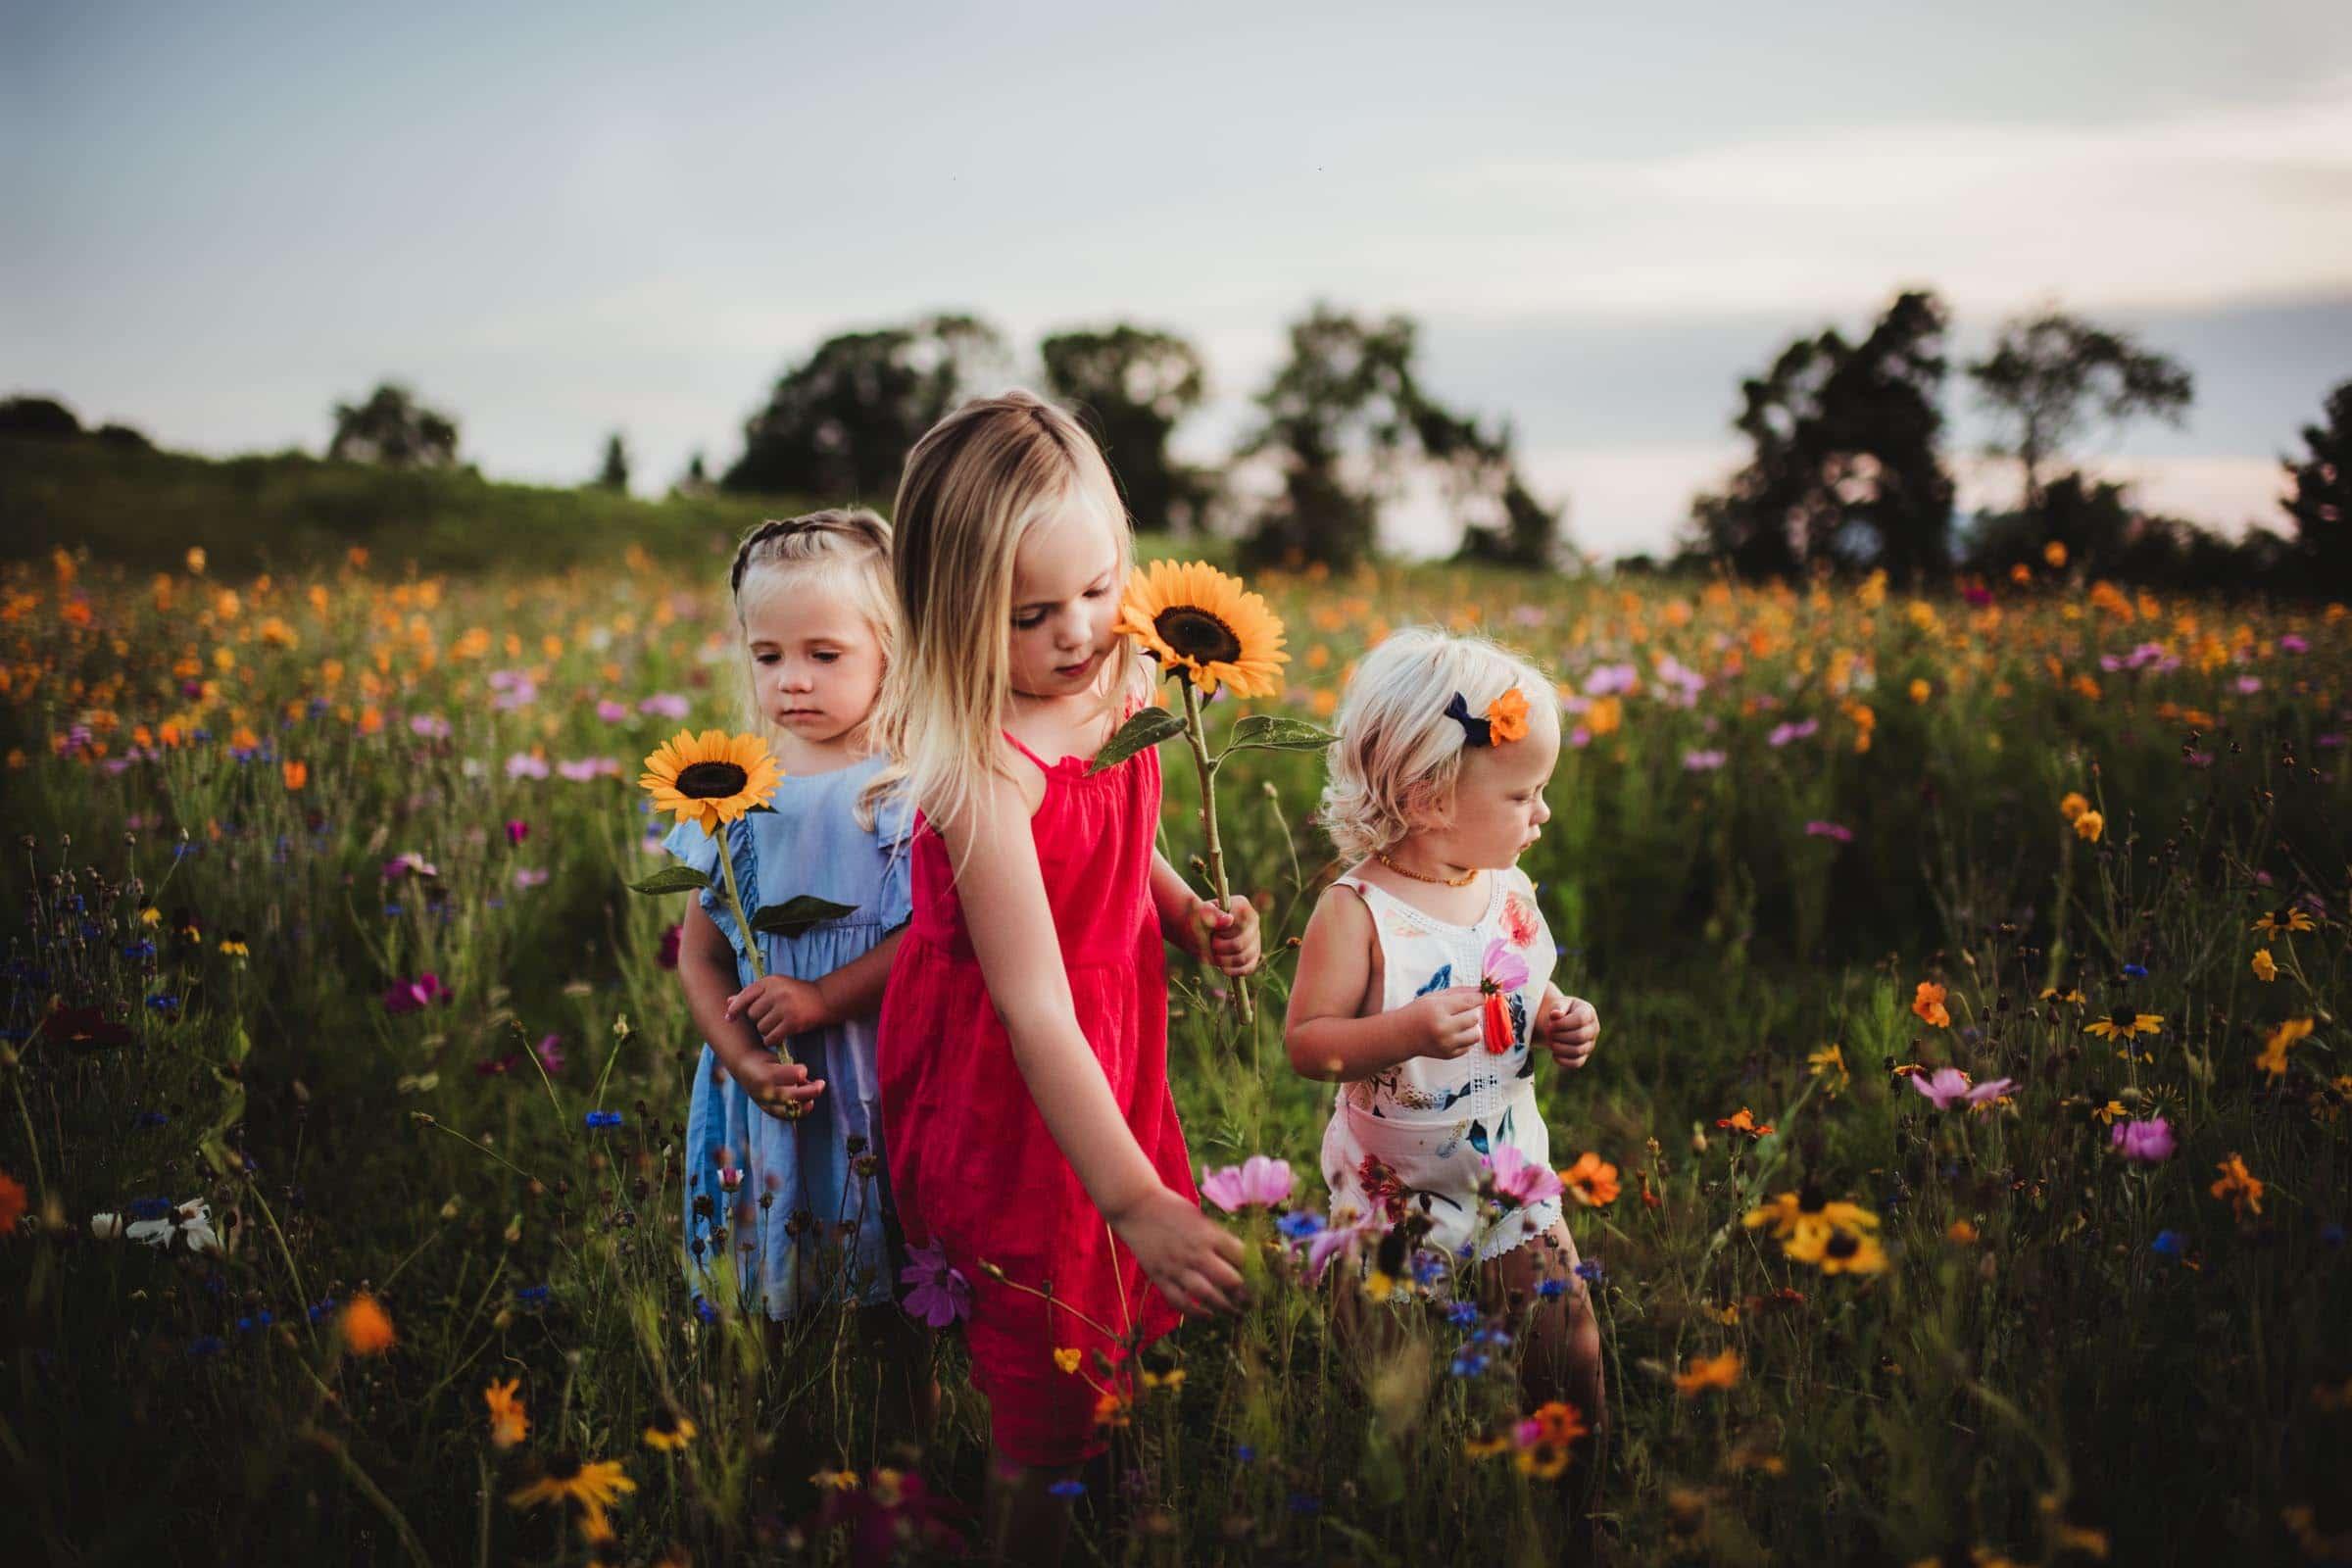 Kids in Sunflower Field